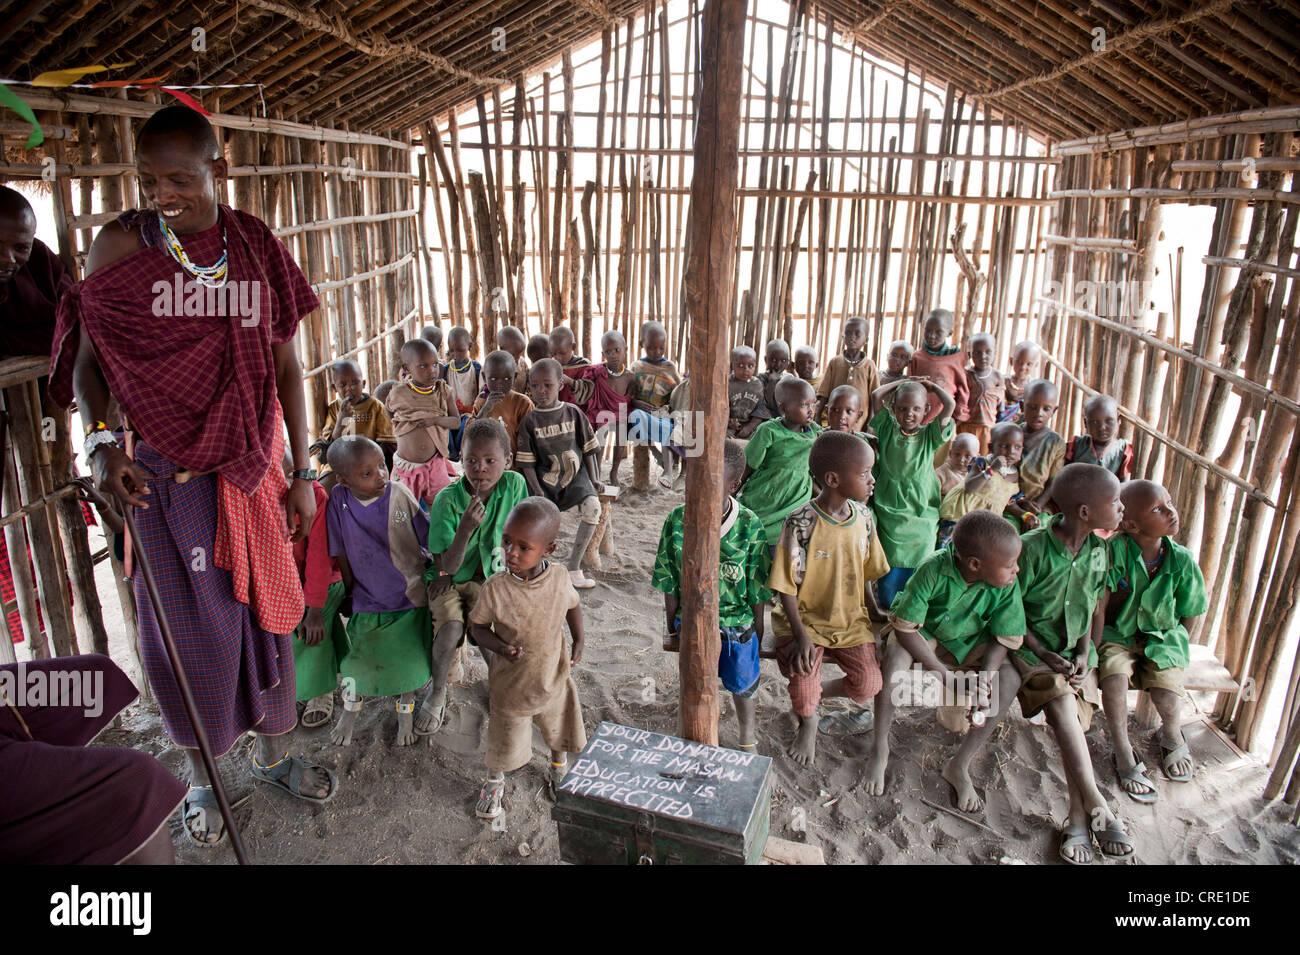 Istruzione e povertà, donazioni, la scuola, i bambini in una scuola primaria, classi con un insegnante, etnologia, Immagini Stock